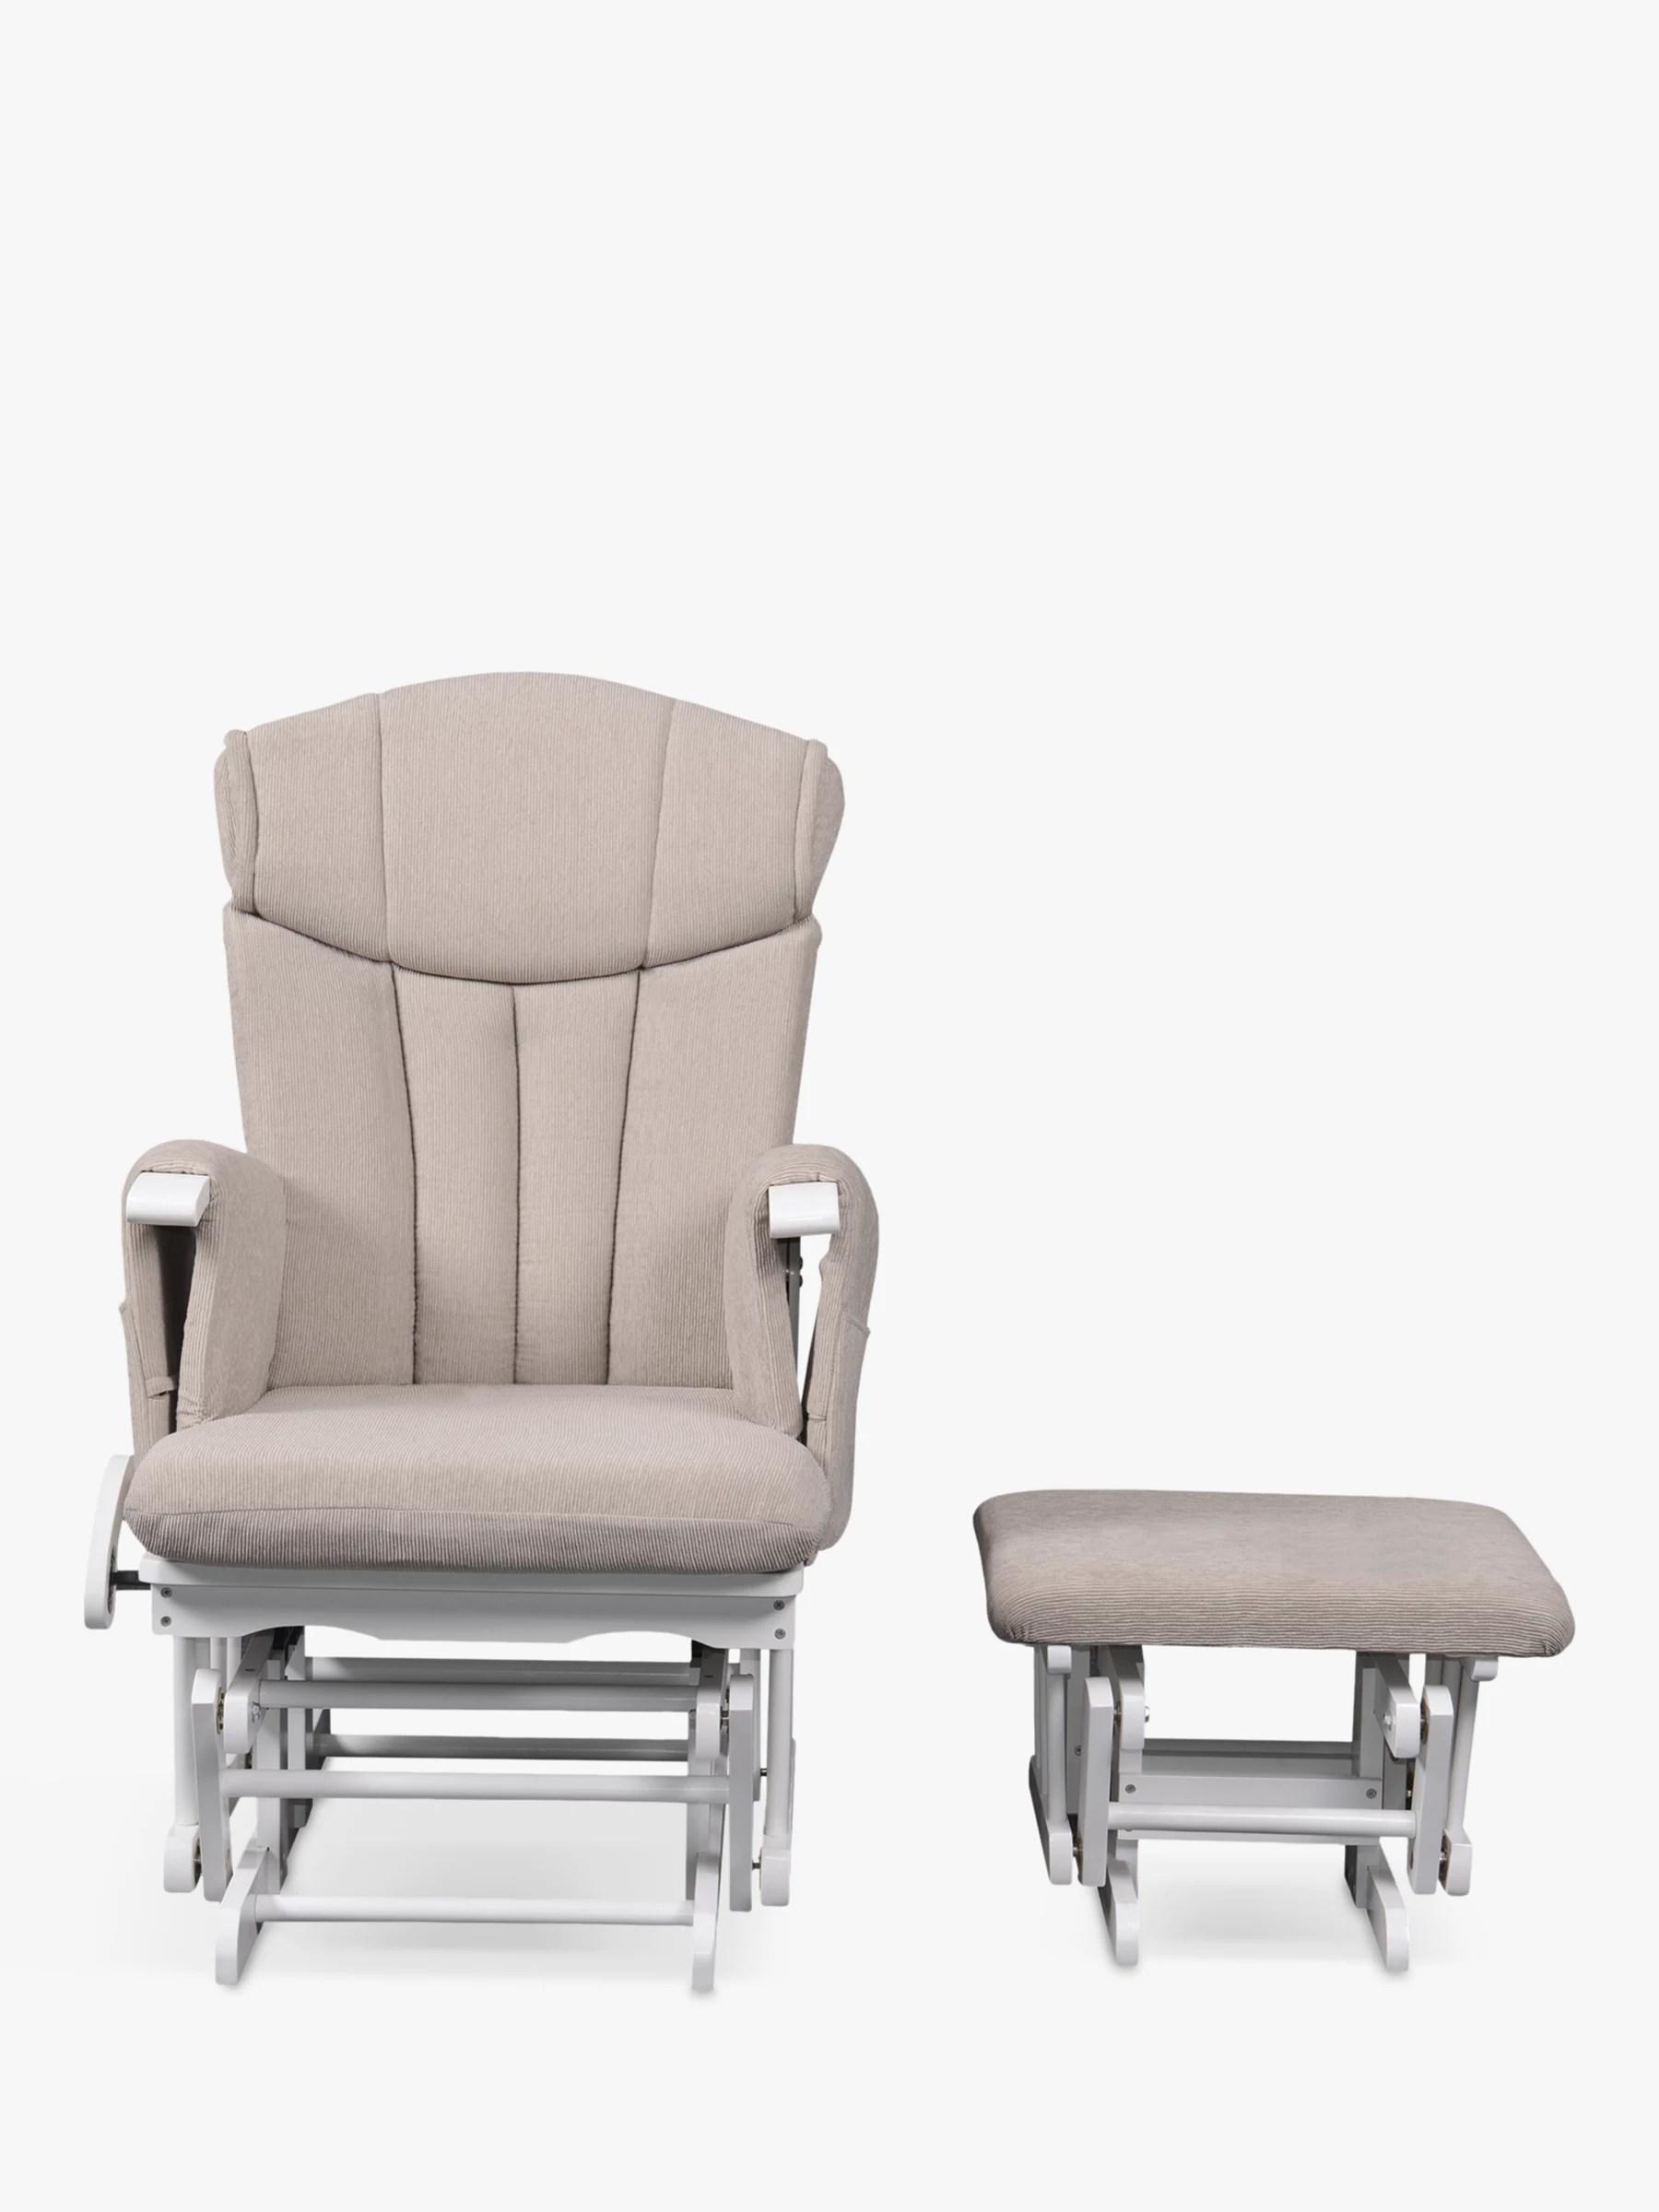 Kub Chatsworth Glider Nursing Chair Cappucino